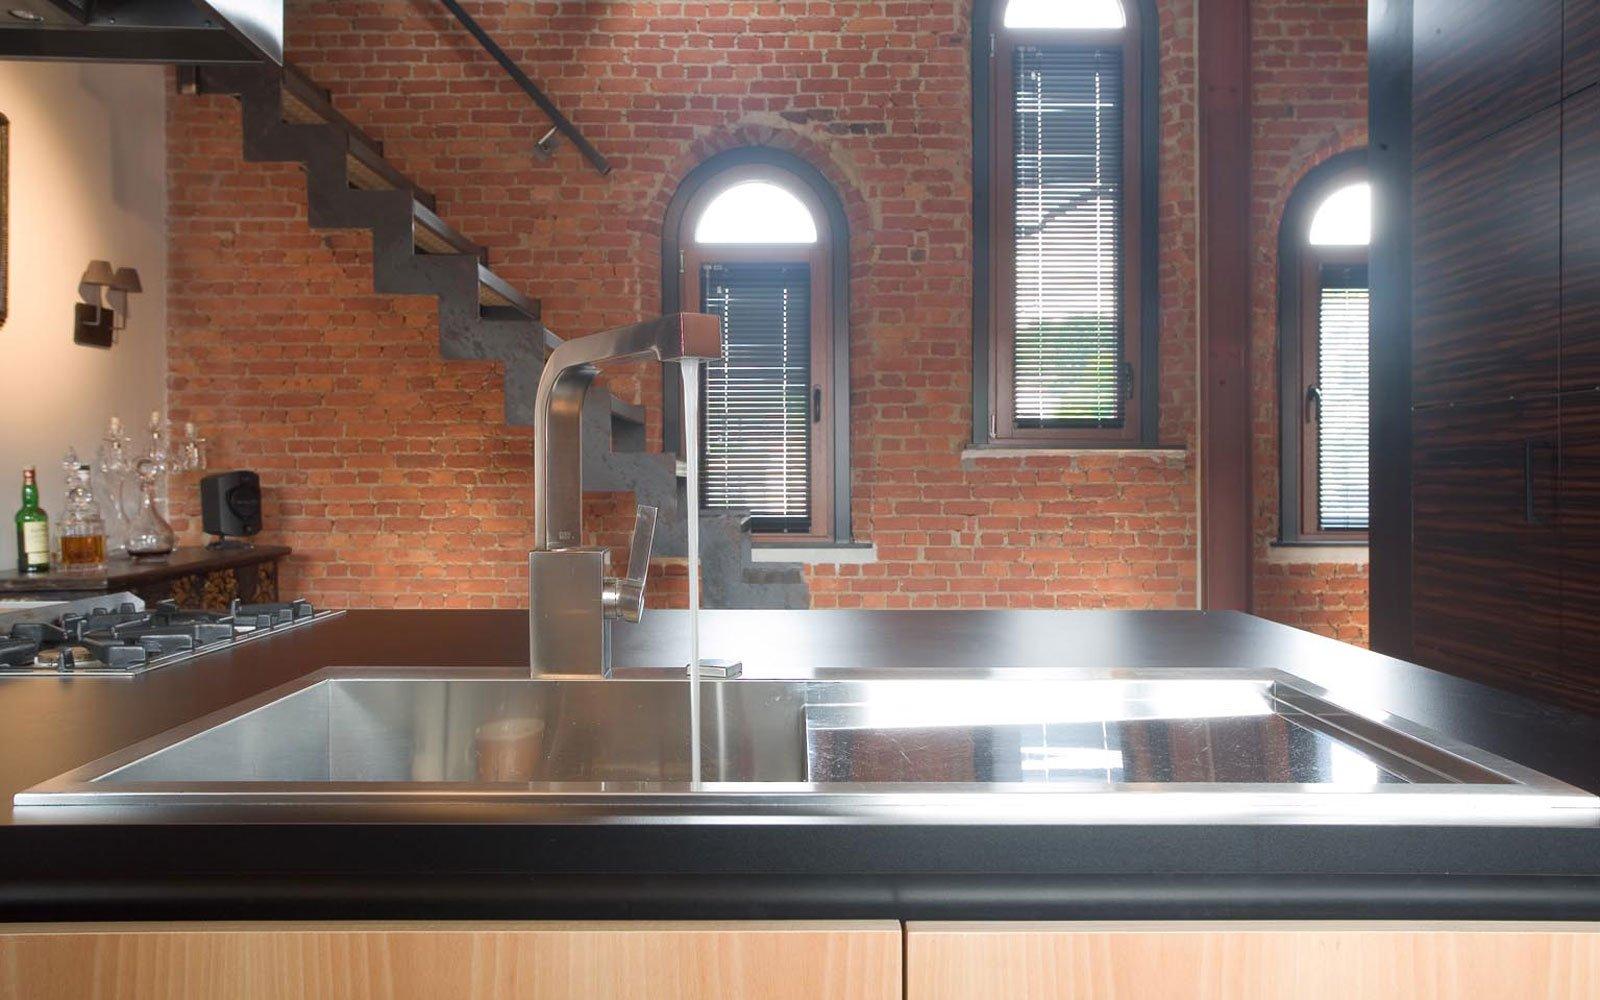 Keuken, maatwerk, kookeiland, fornuis, kraan, woning in klooster, Bart van Wijk